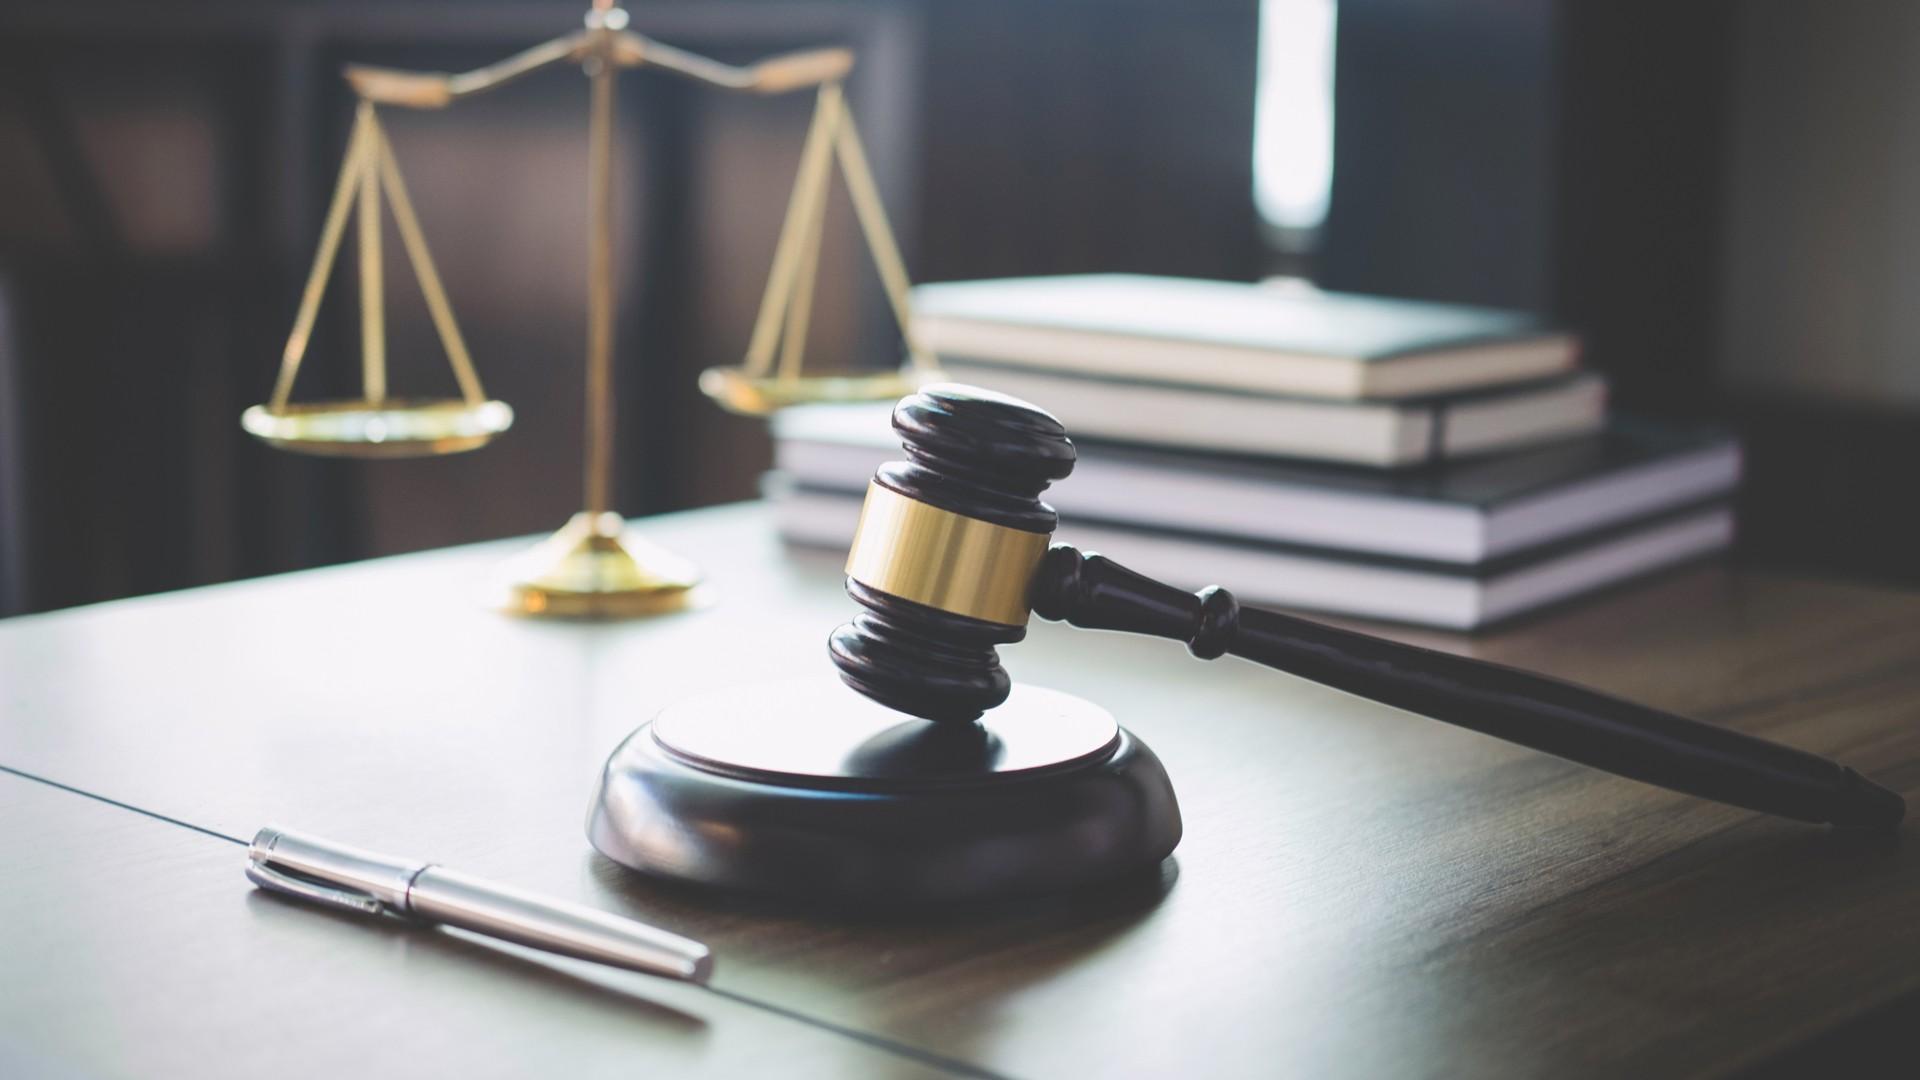 000 abogados justicia derecho